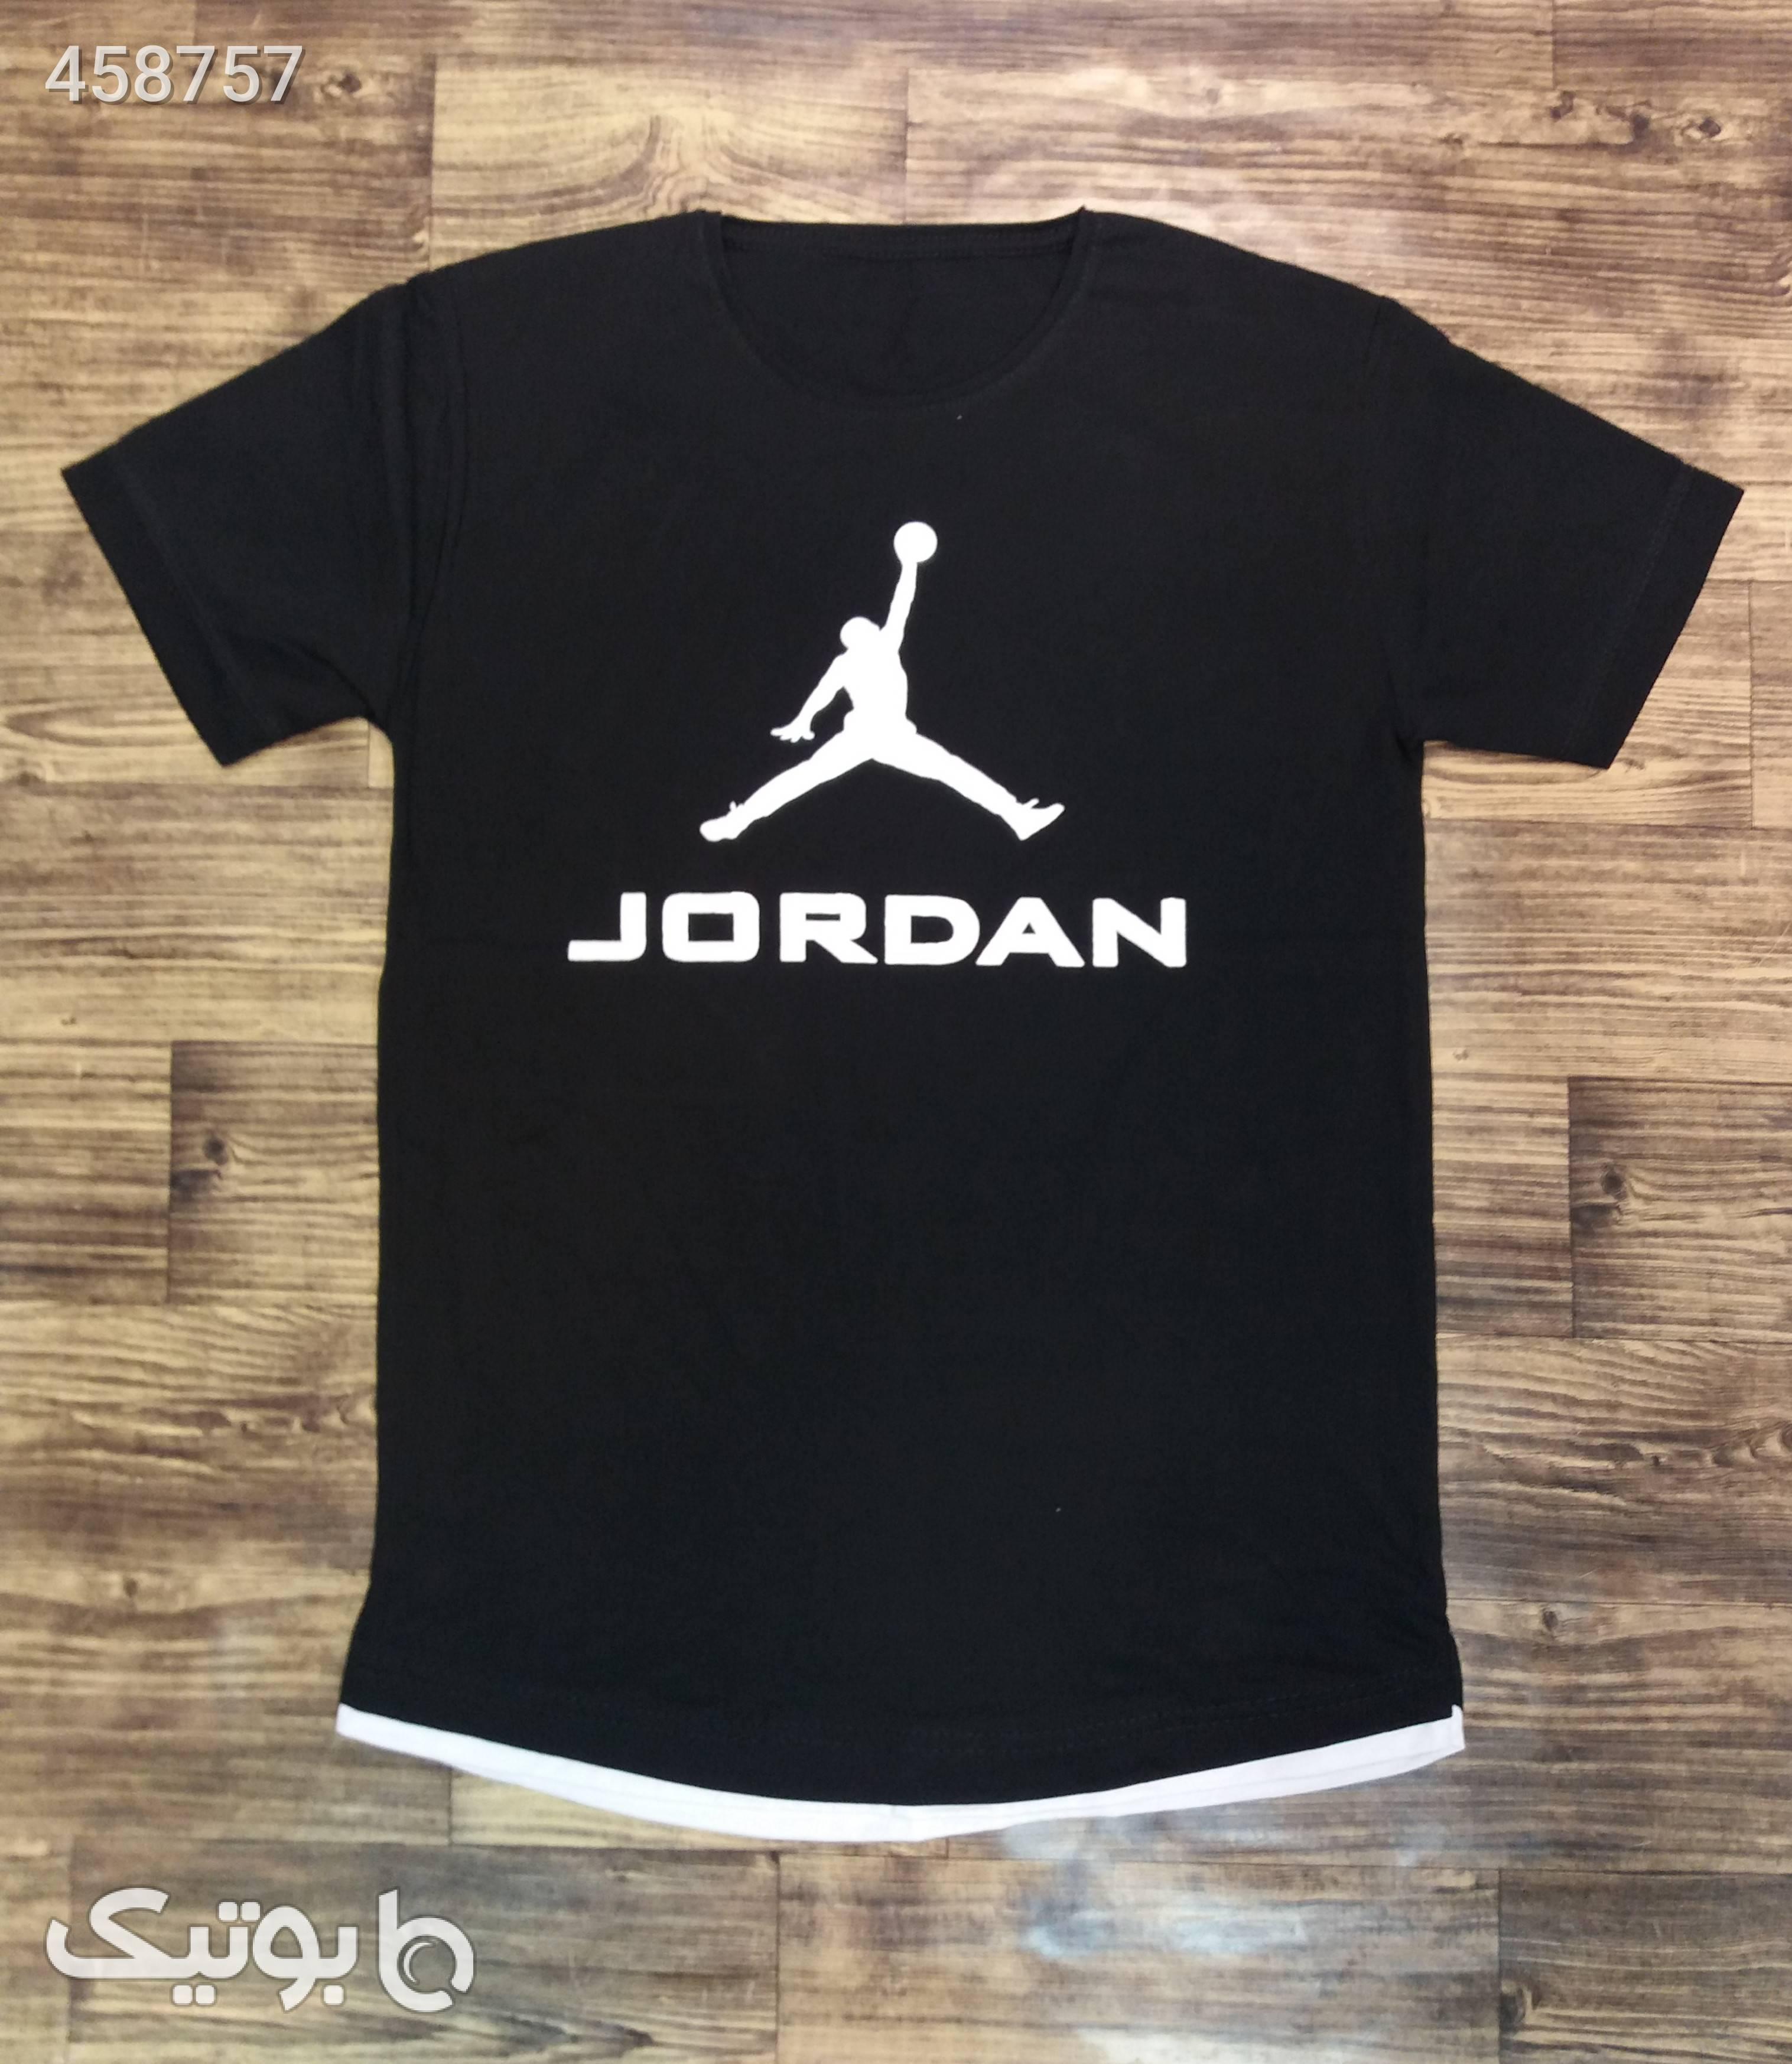 تیشرت آستین کوتاه مشکی تی شرت و پولو شرت مردانه